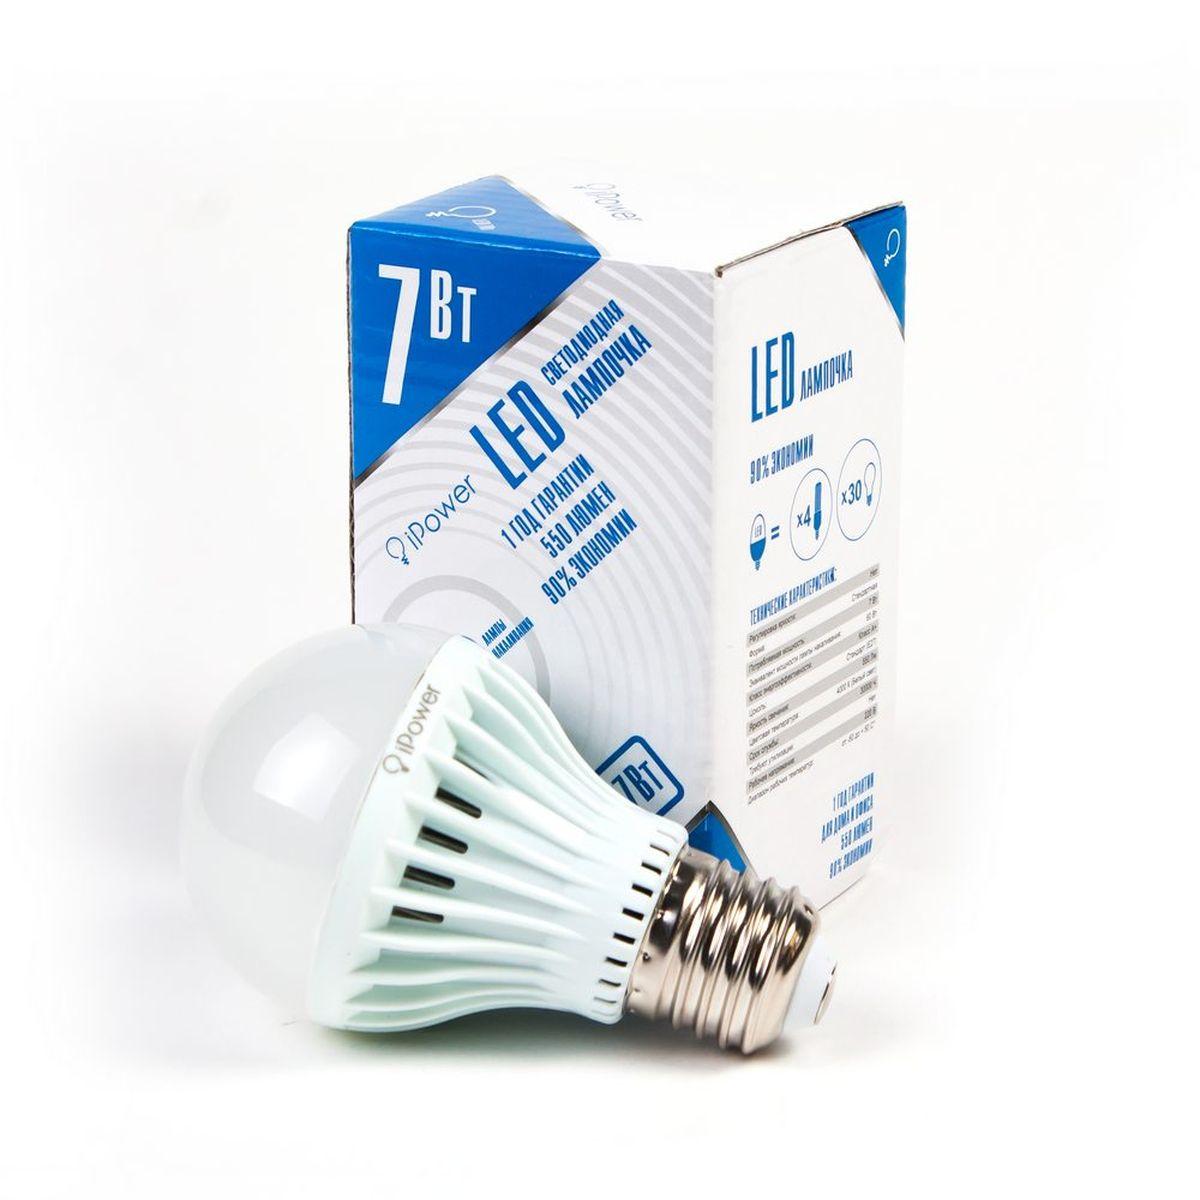 Лампа светодиодная iPower, цоколь Е27, 7W, 4000К1001951Светодиодная лампа iPower имеет очень низкое энергопотребление. В сравнении с лампами накаливания LED потребляет в 12 раз меньше электричества, а в сравнении с энергосберегающими - в 2-4 раза меньше. При этом срок службы LED лампочки в 5 раз выше, чем энергосберегающей, и в 50 раз выше, чем у лампы накаливания. Светодиодная лампа iPower создает мягкий рассеивающий свет без мерцаний, что совершенно безопасно для глаз. Она специально разработана по требованиям российских и европейских законов и подходит ко всем осветительным устройствам, совместимым со стандартным цоколем E27. Использование светодиодов от мирового лидера Epistar - это залог надежной и стабильной работы лампы. Нейтральный белый оттенок свечения идеально подойдёт для освещения, как офисов, образовательных и медицинских учреждений, так и кухни, гостиной. Диапазон рабочих температур: от -50°C до +50°С. Материал: поликарбонат. Потребляемая мощность: 7 Вт. Рабочее напряжение: 220В. ...